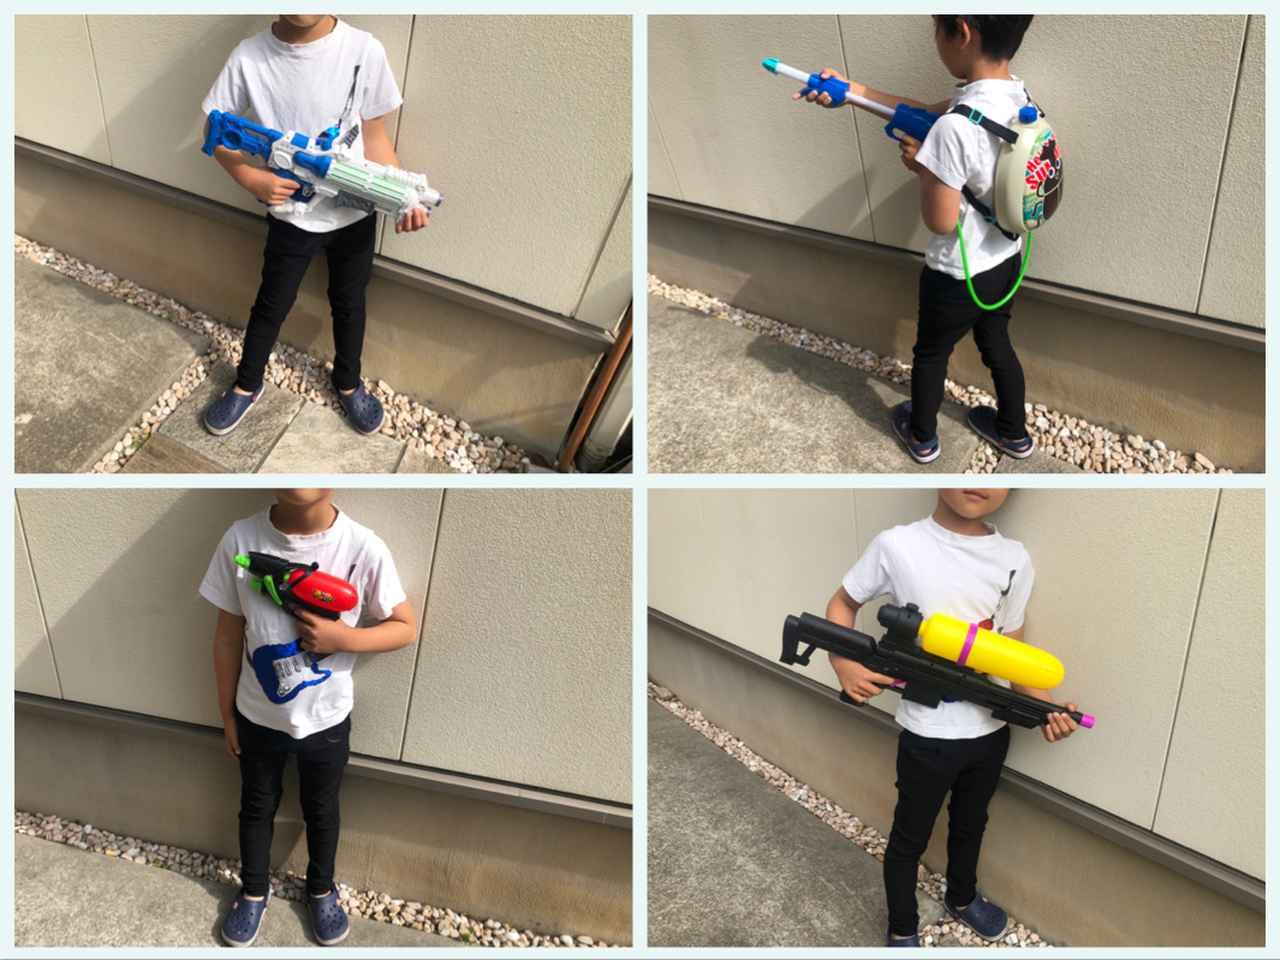 【ダイソー&セリアの水鉄砲10選】水遊びの季節がやってきた! 今シーズンのおすすめウォーターガンを紹介